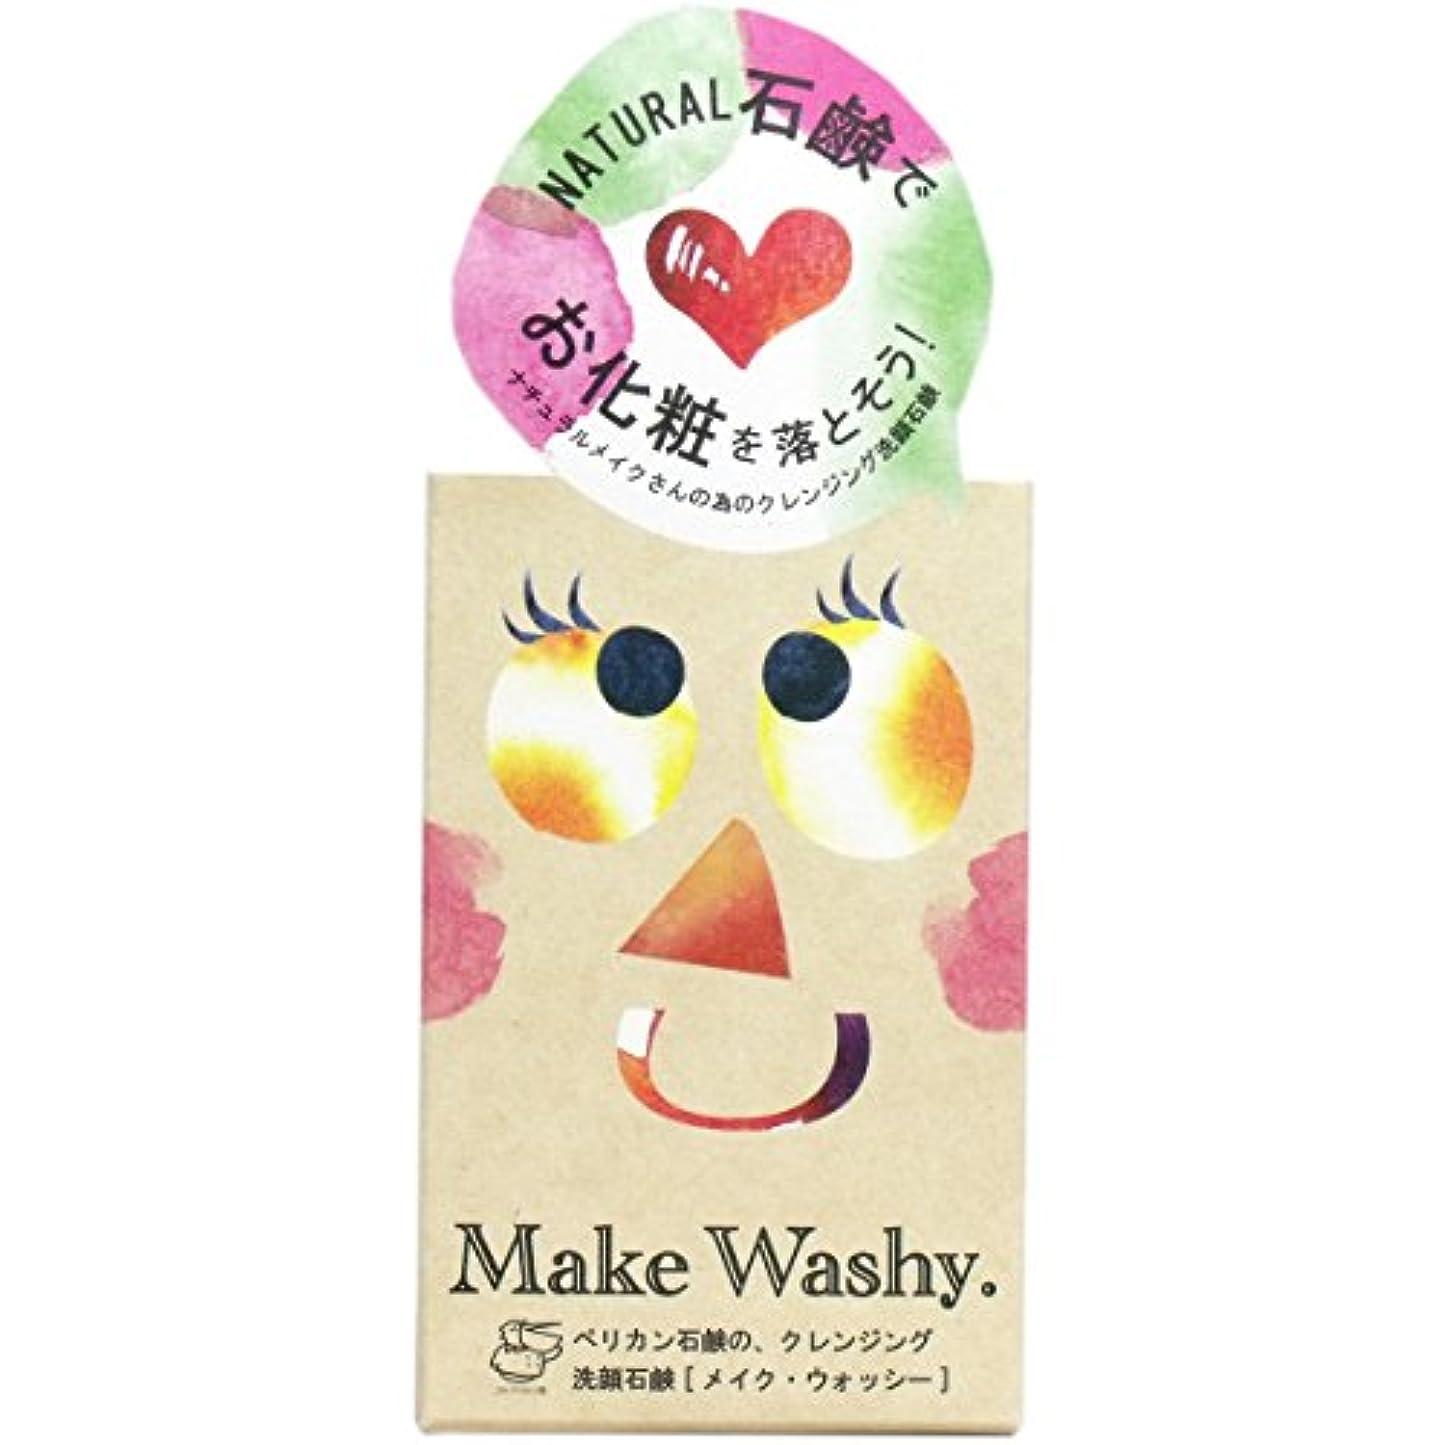 エンディング取り壊す陽気なメイクウォッシー 洗顔石鹸 × 5個セット